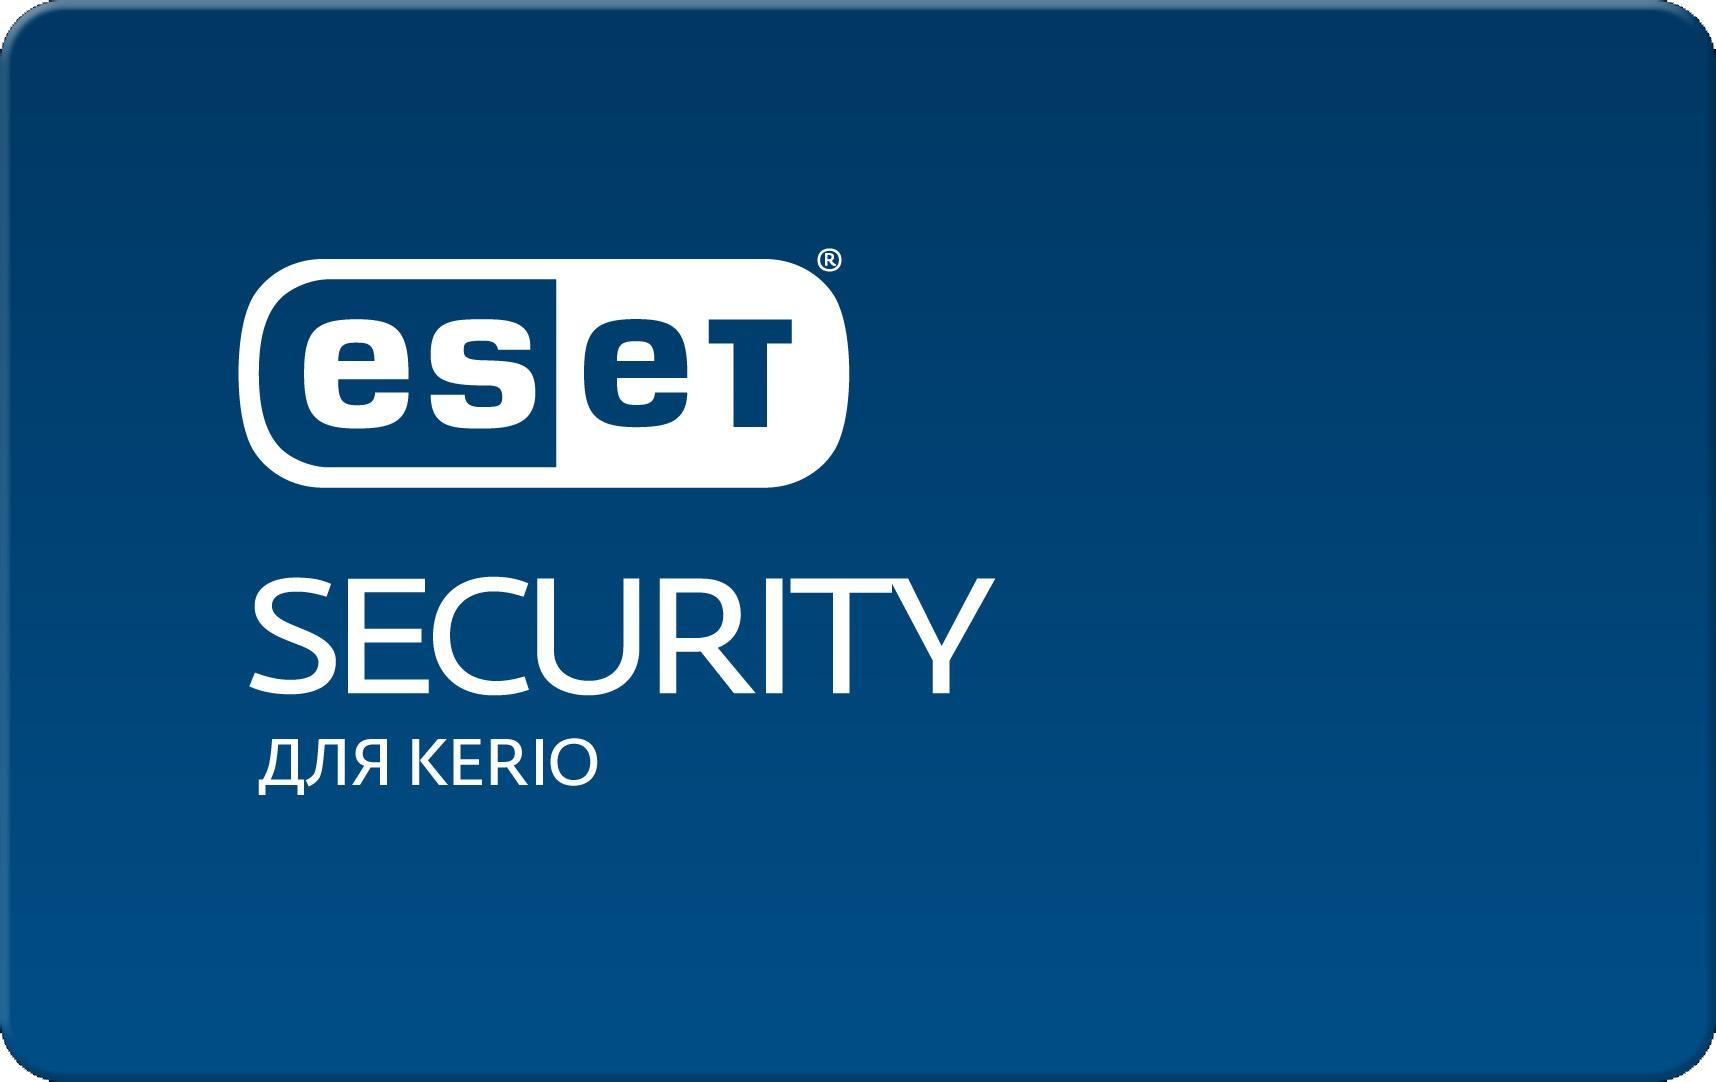 Защита почтовых серверов и интернет-шлюзов Eset Security для Kerio  для 5 пользователей